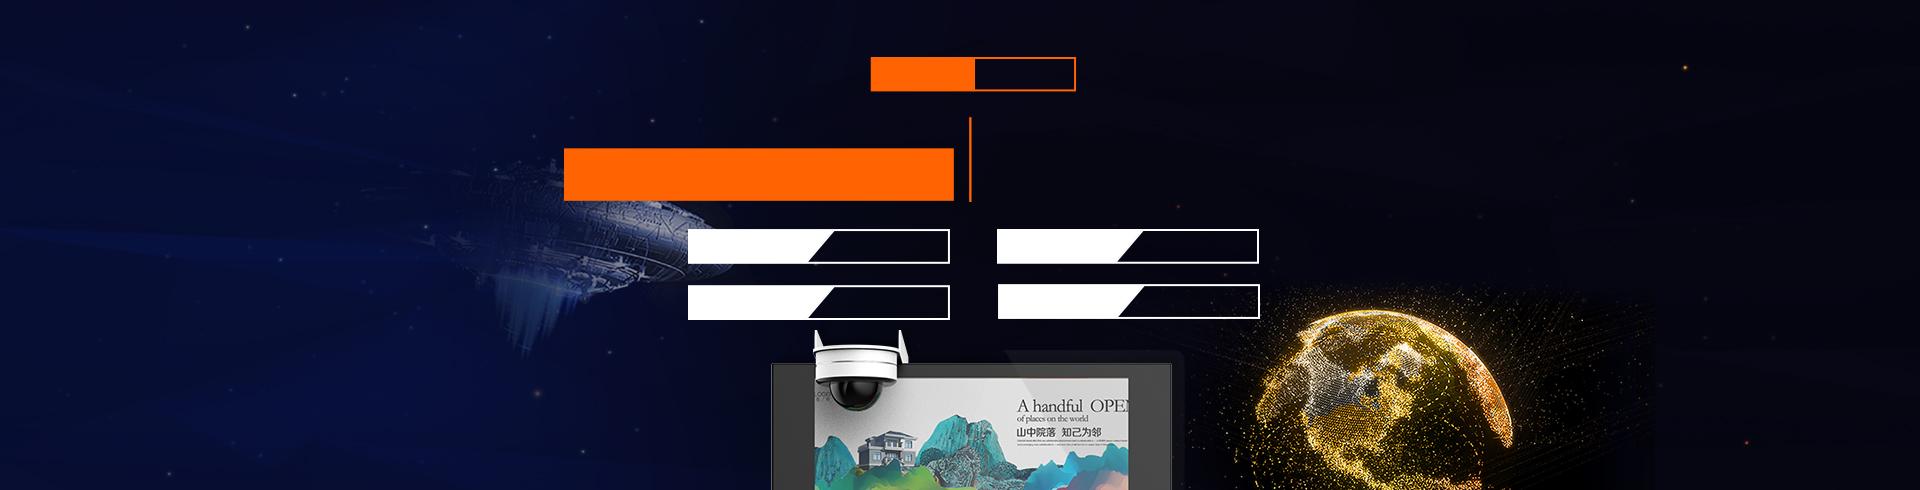 新萄京科技-人工智能行业的抢金永动机